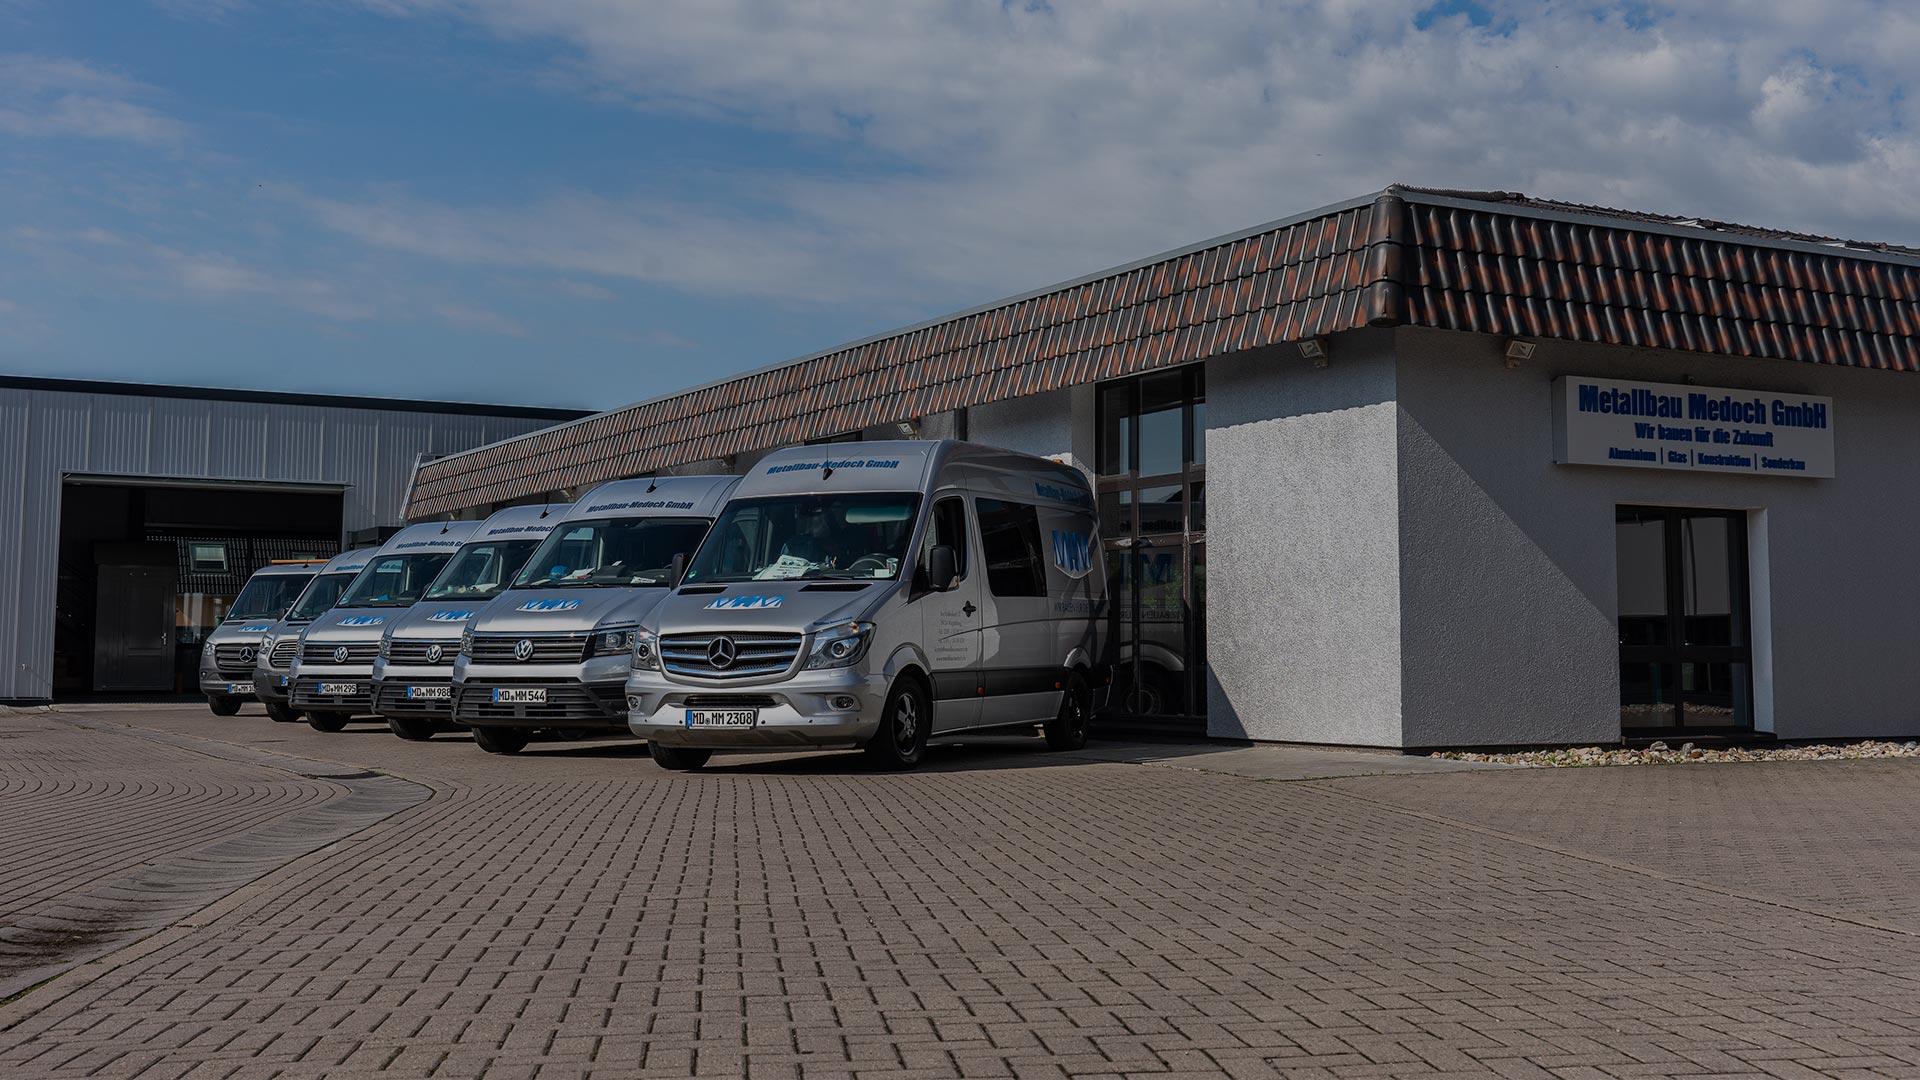 Metallbau Medoch GmbH in Magdeburg - Außenansicht 2